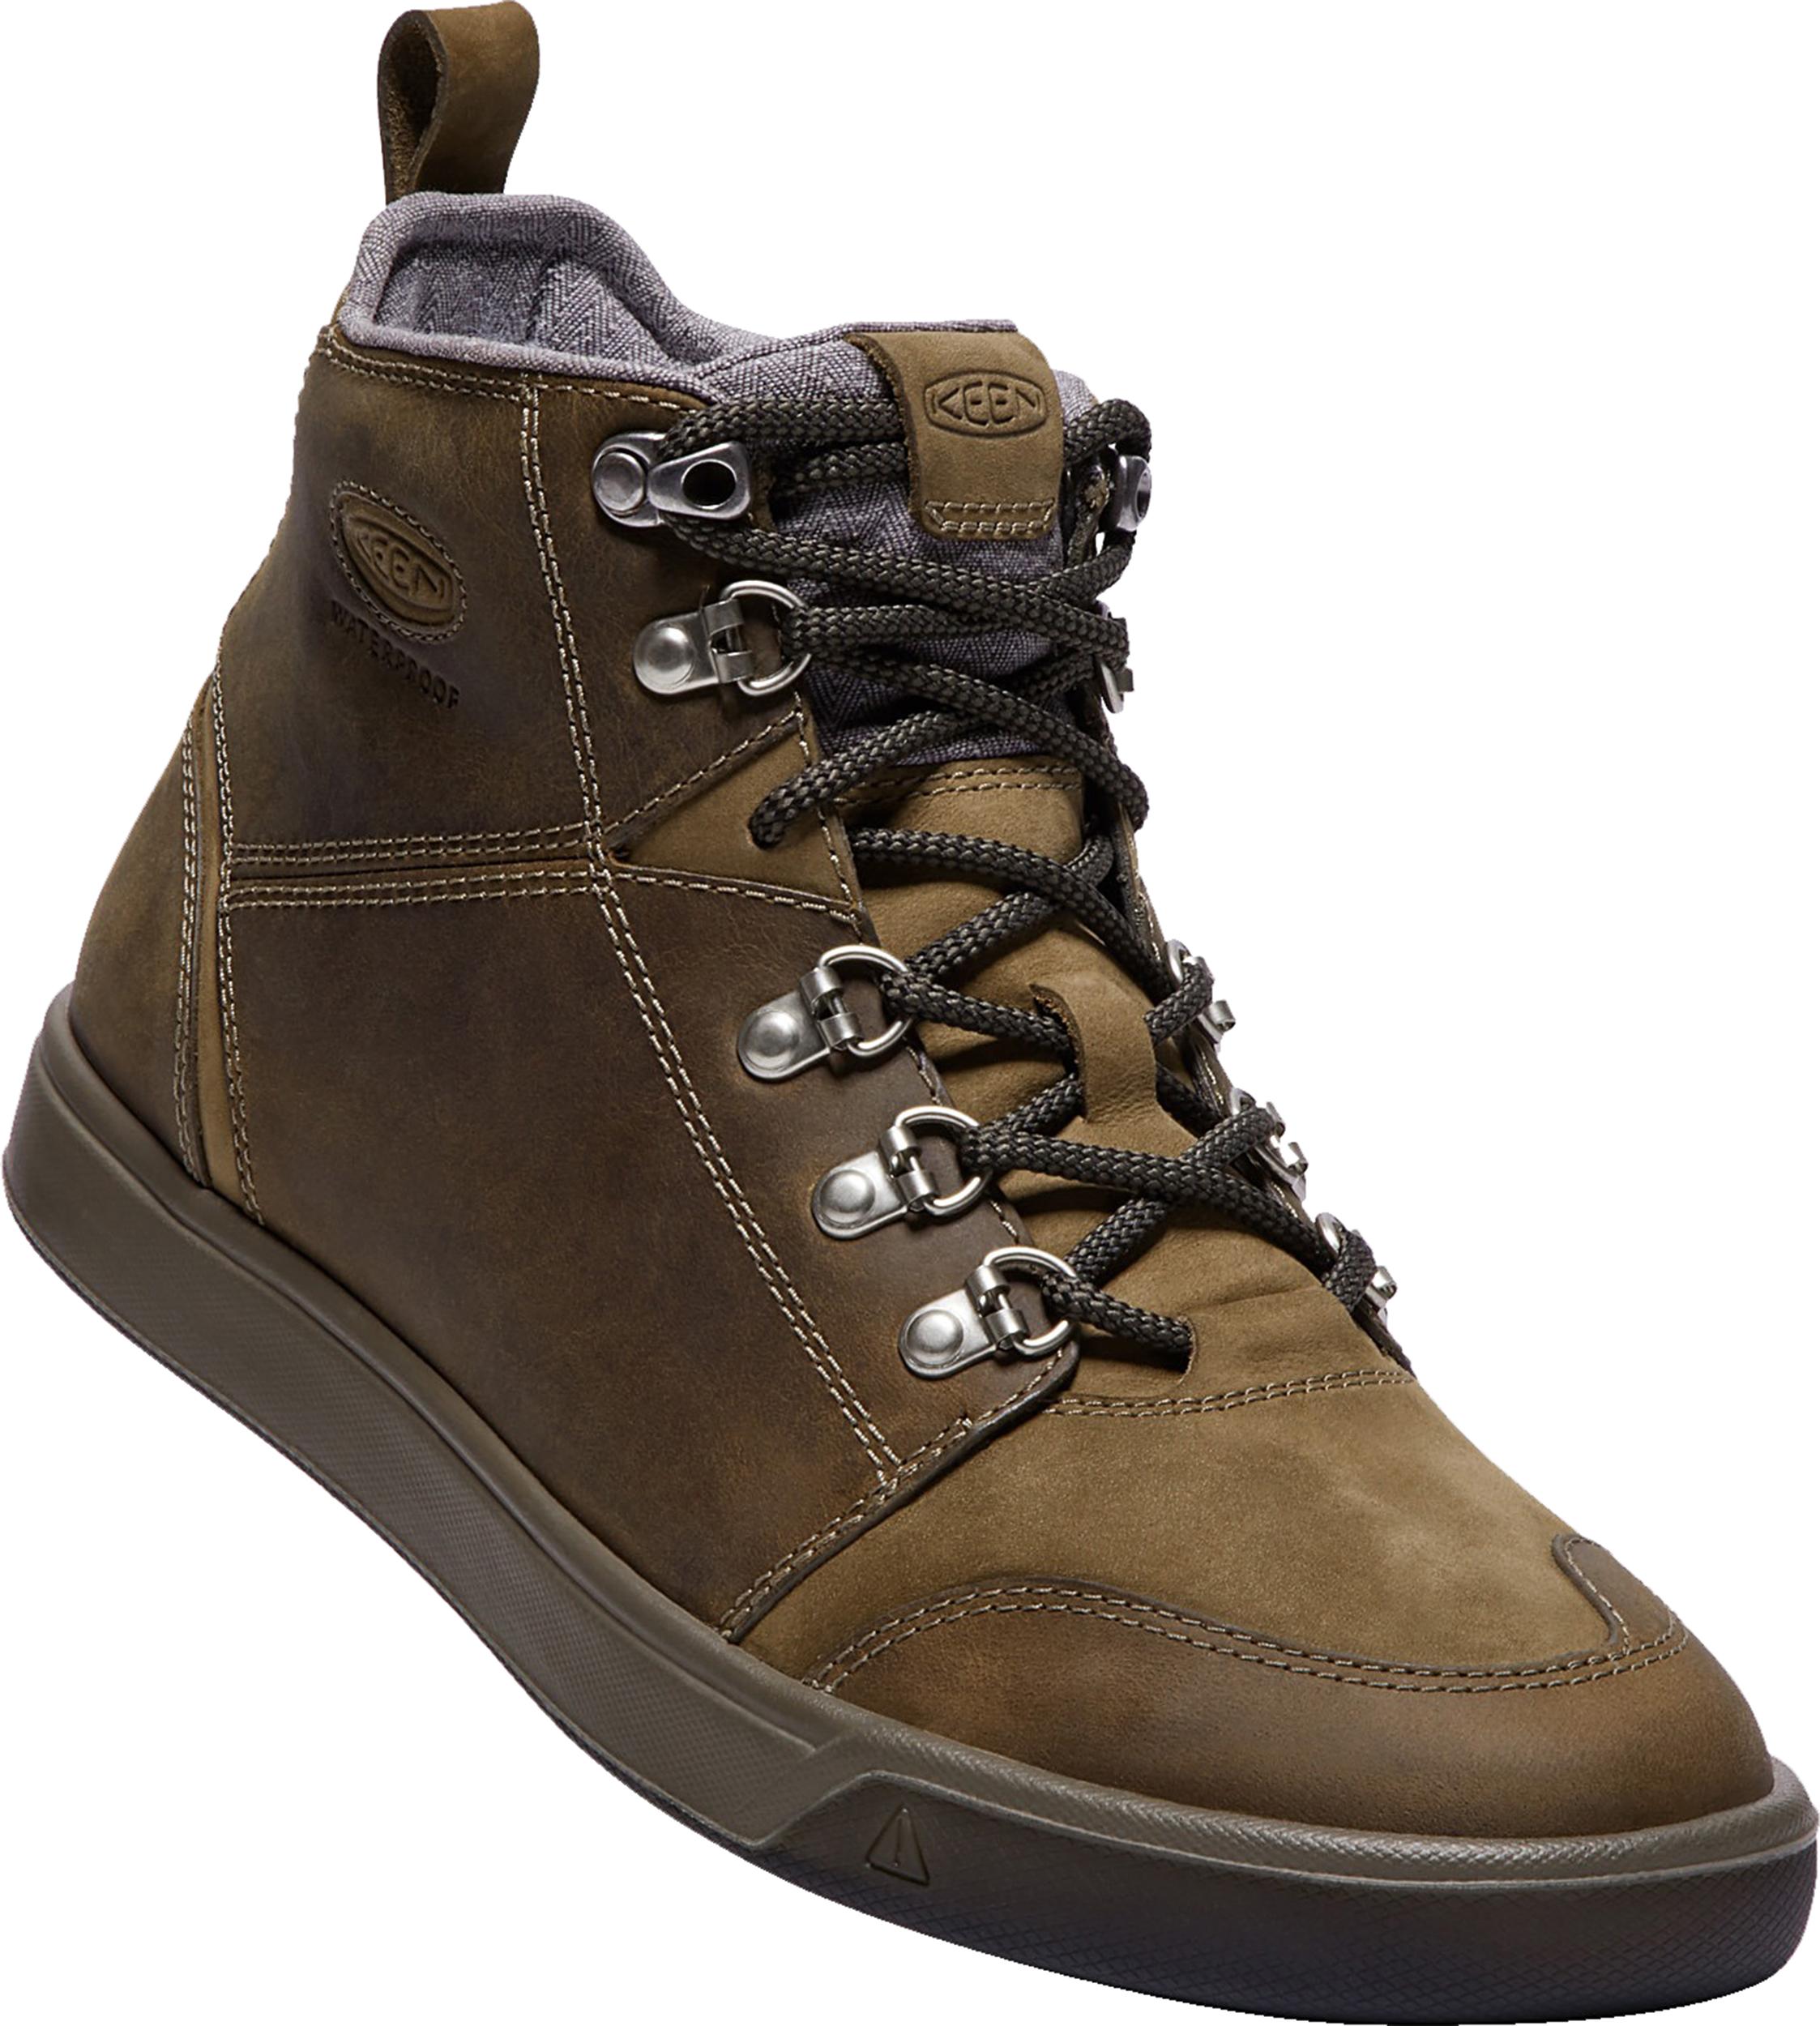 0c28083ea4e Keen Winterhaven Waterproof Winter Boots - Men's